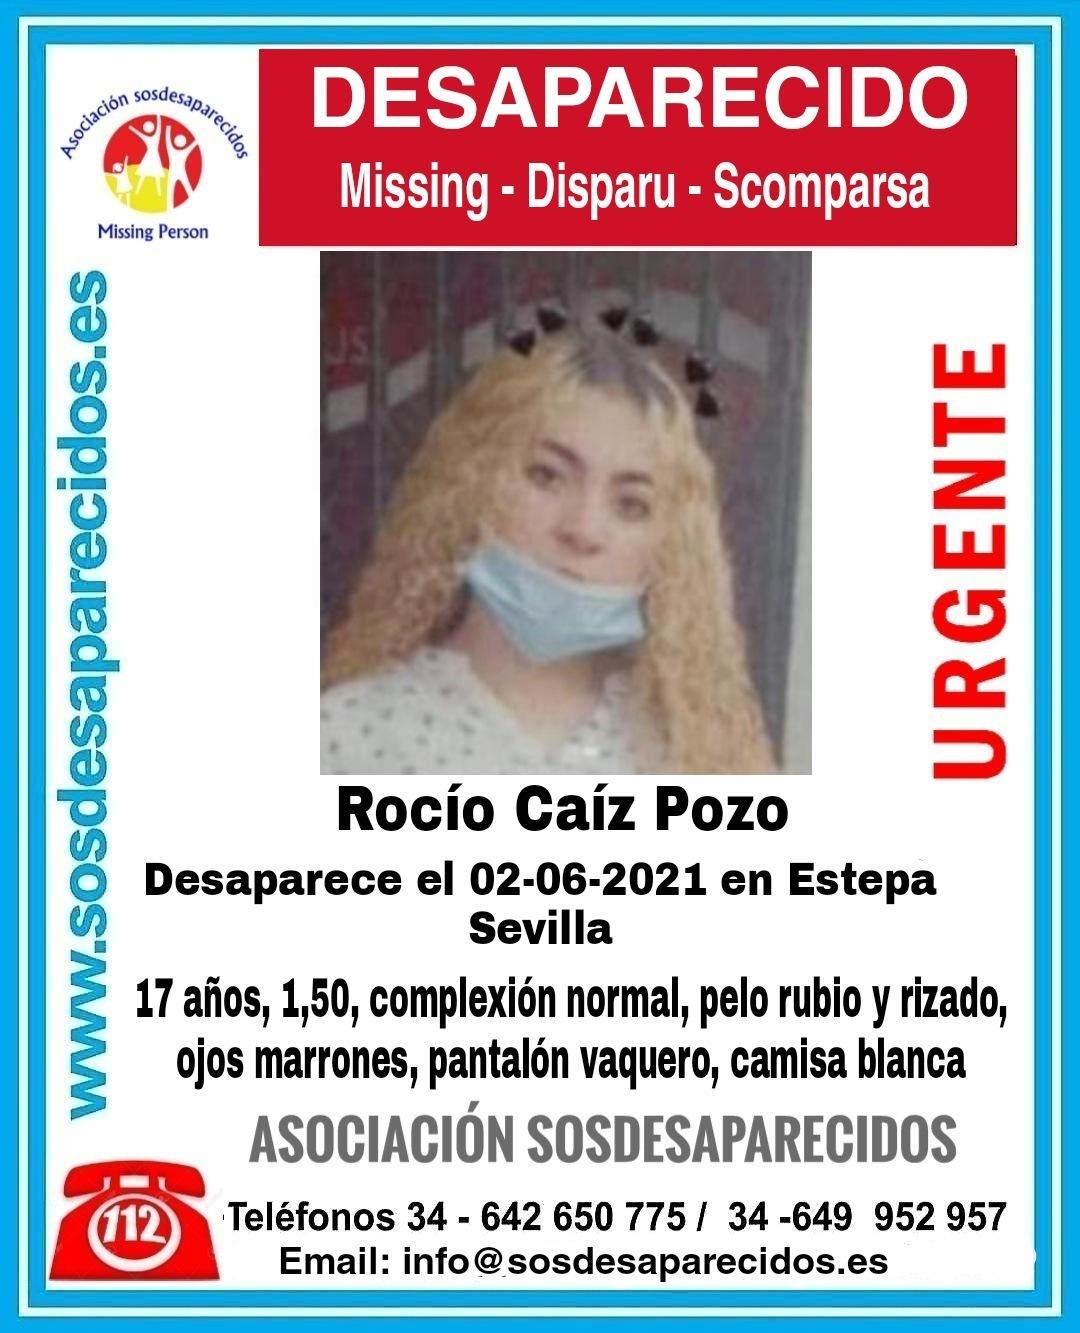 Cartel de búsqueda de la desaparecida Rocío Caíz Pozo.